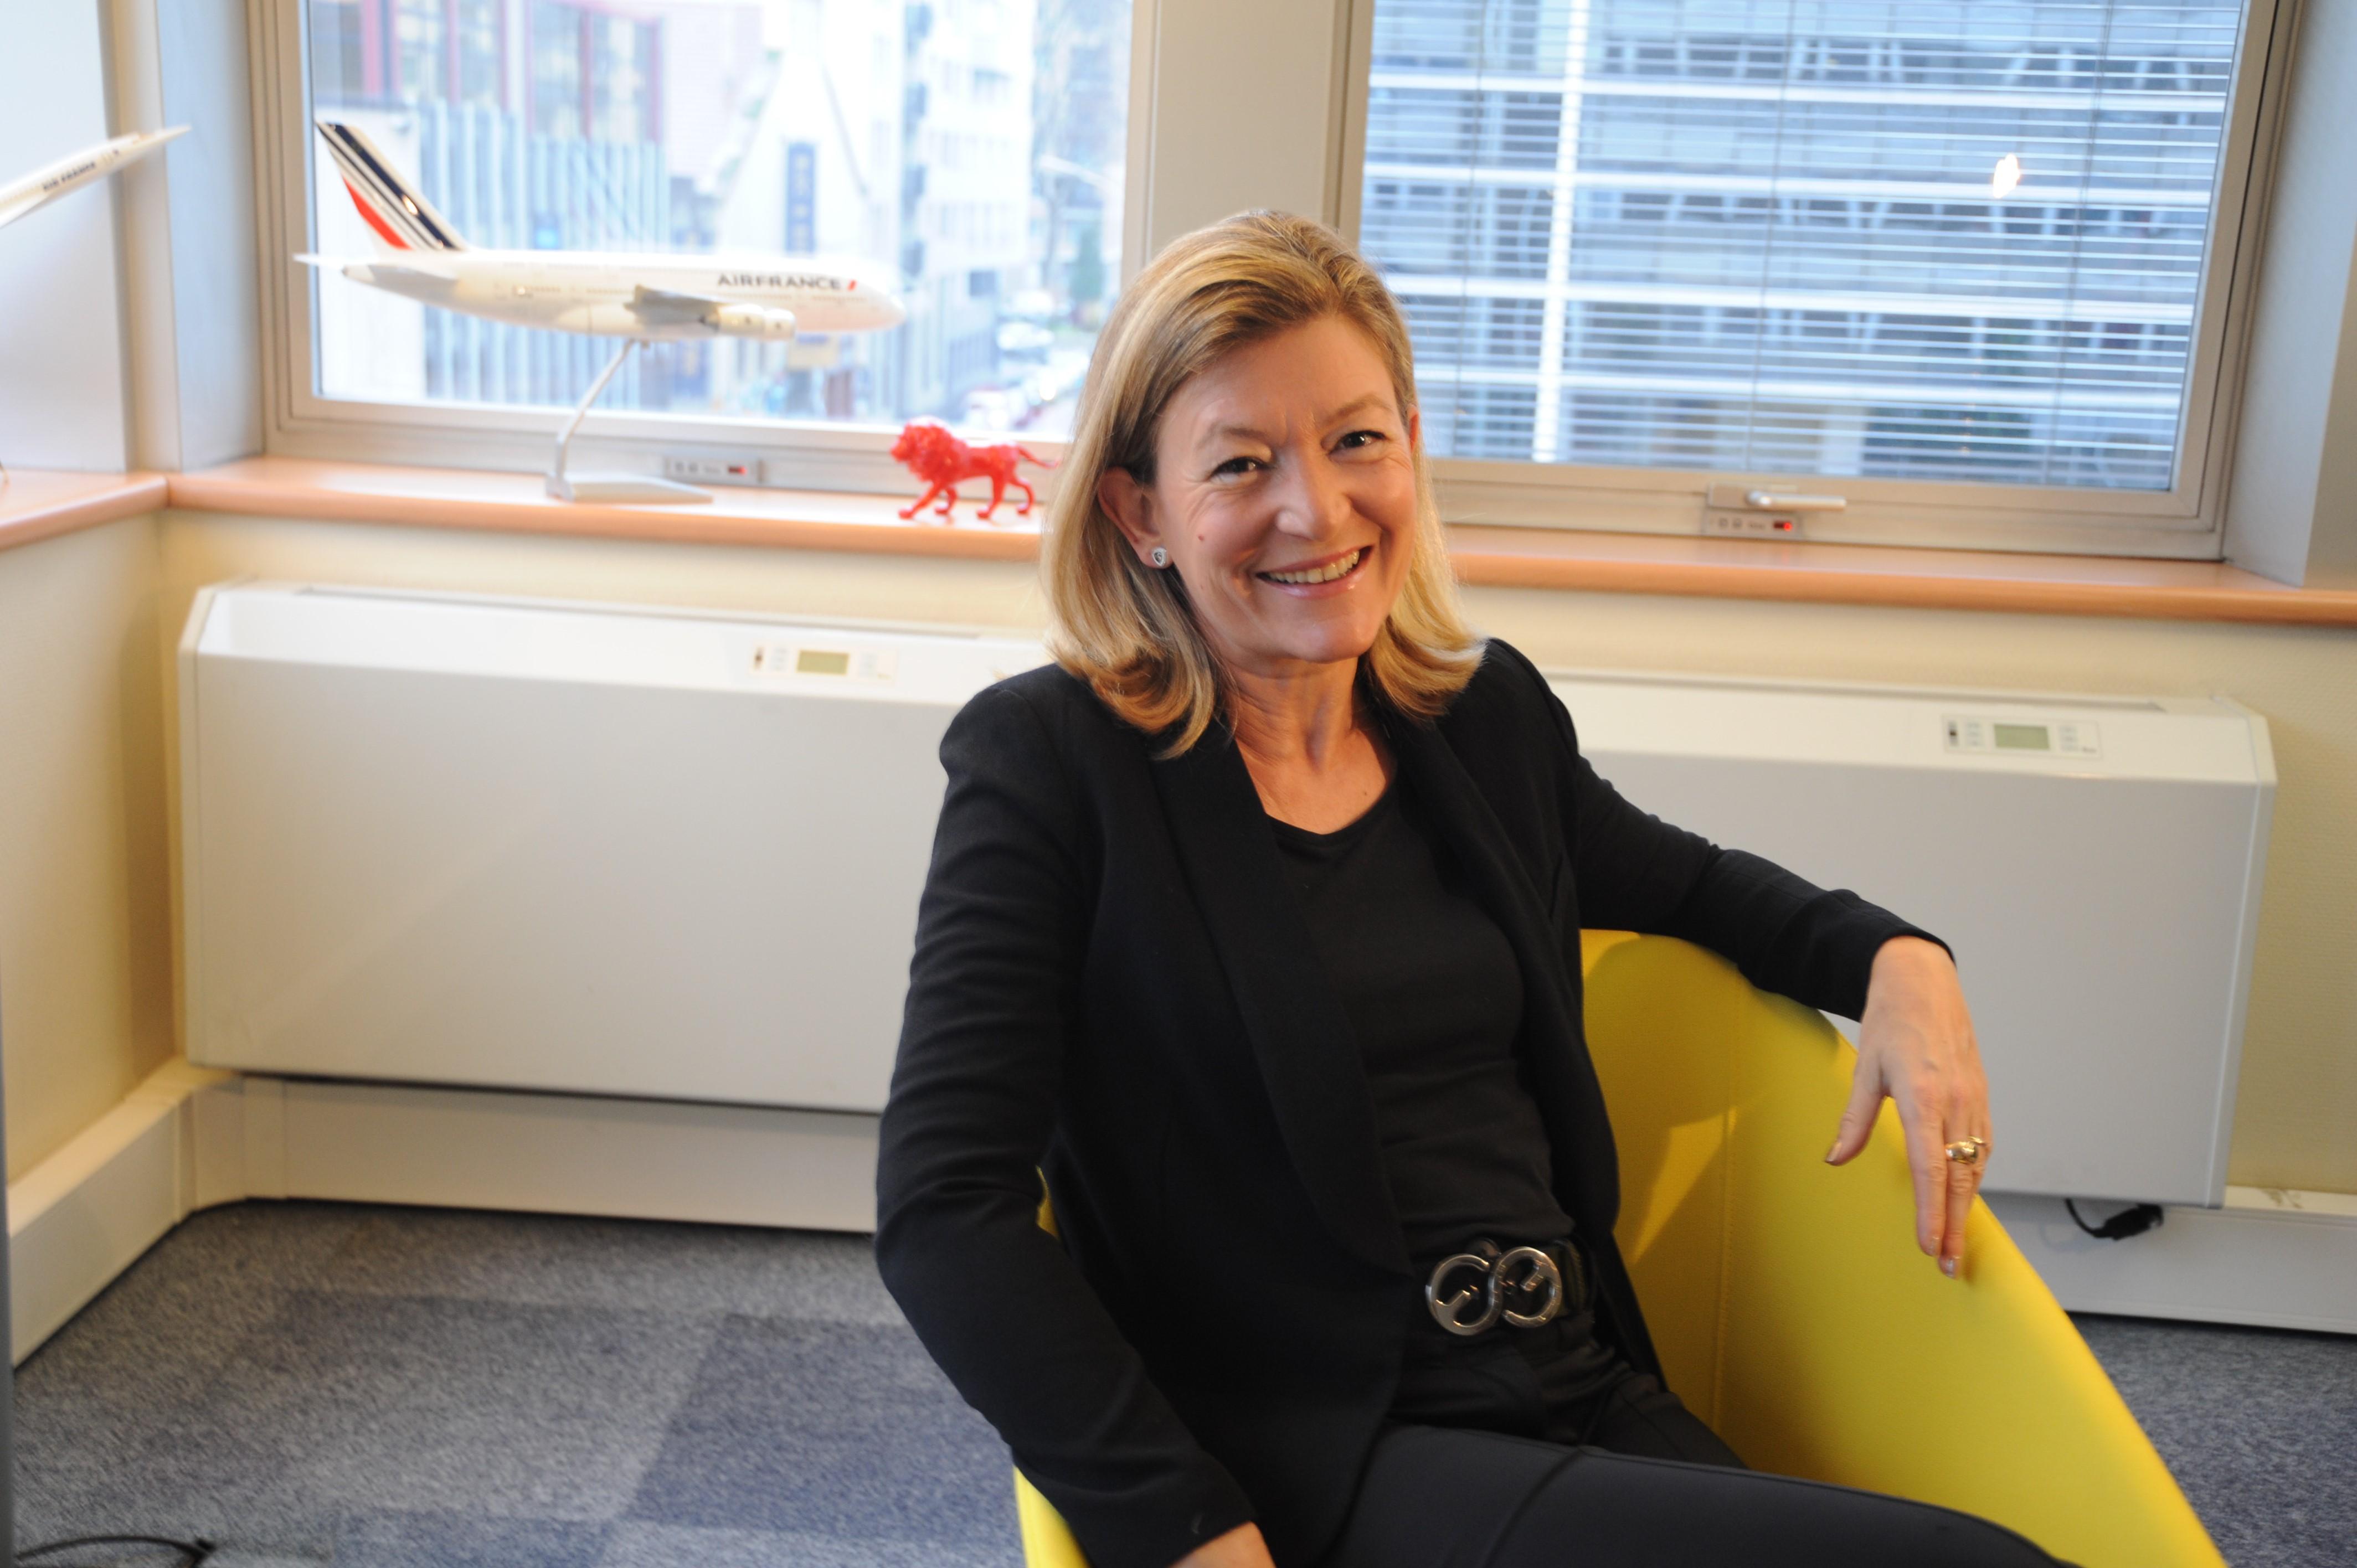 Sylvie Caudrillier - Directrice régionale Rhône-Alpes Auvergne Air France KLM